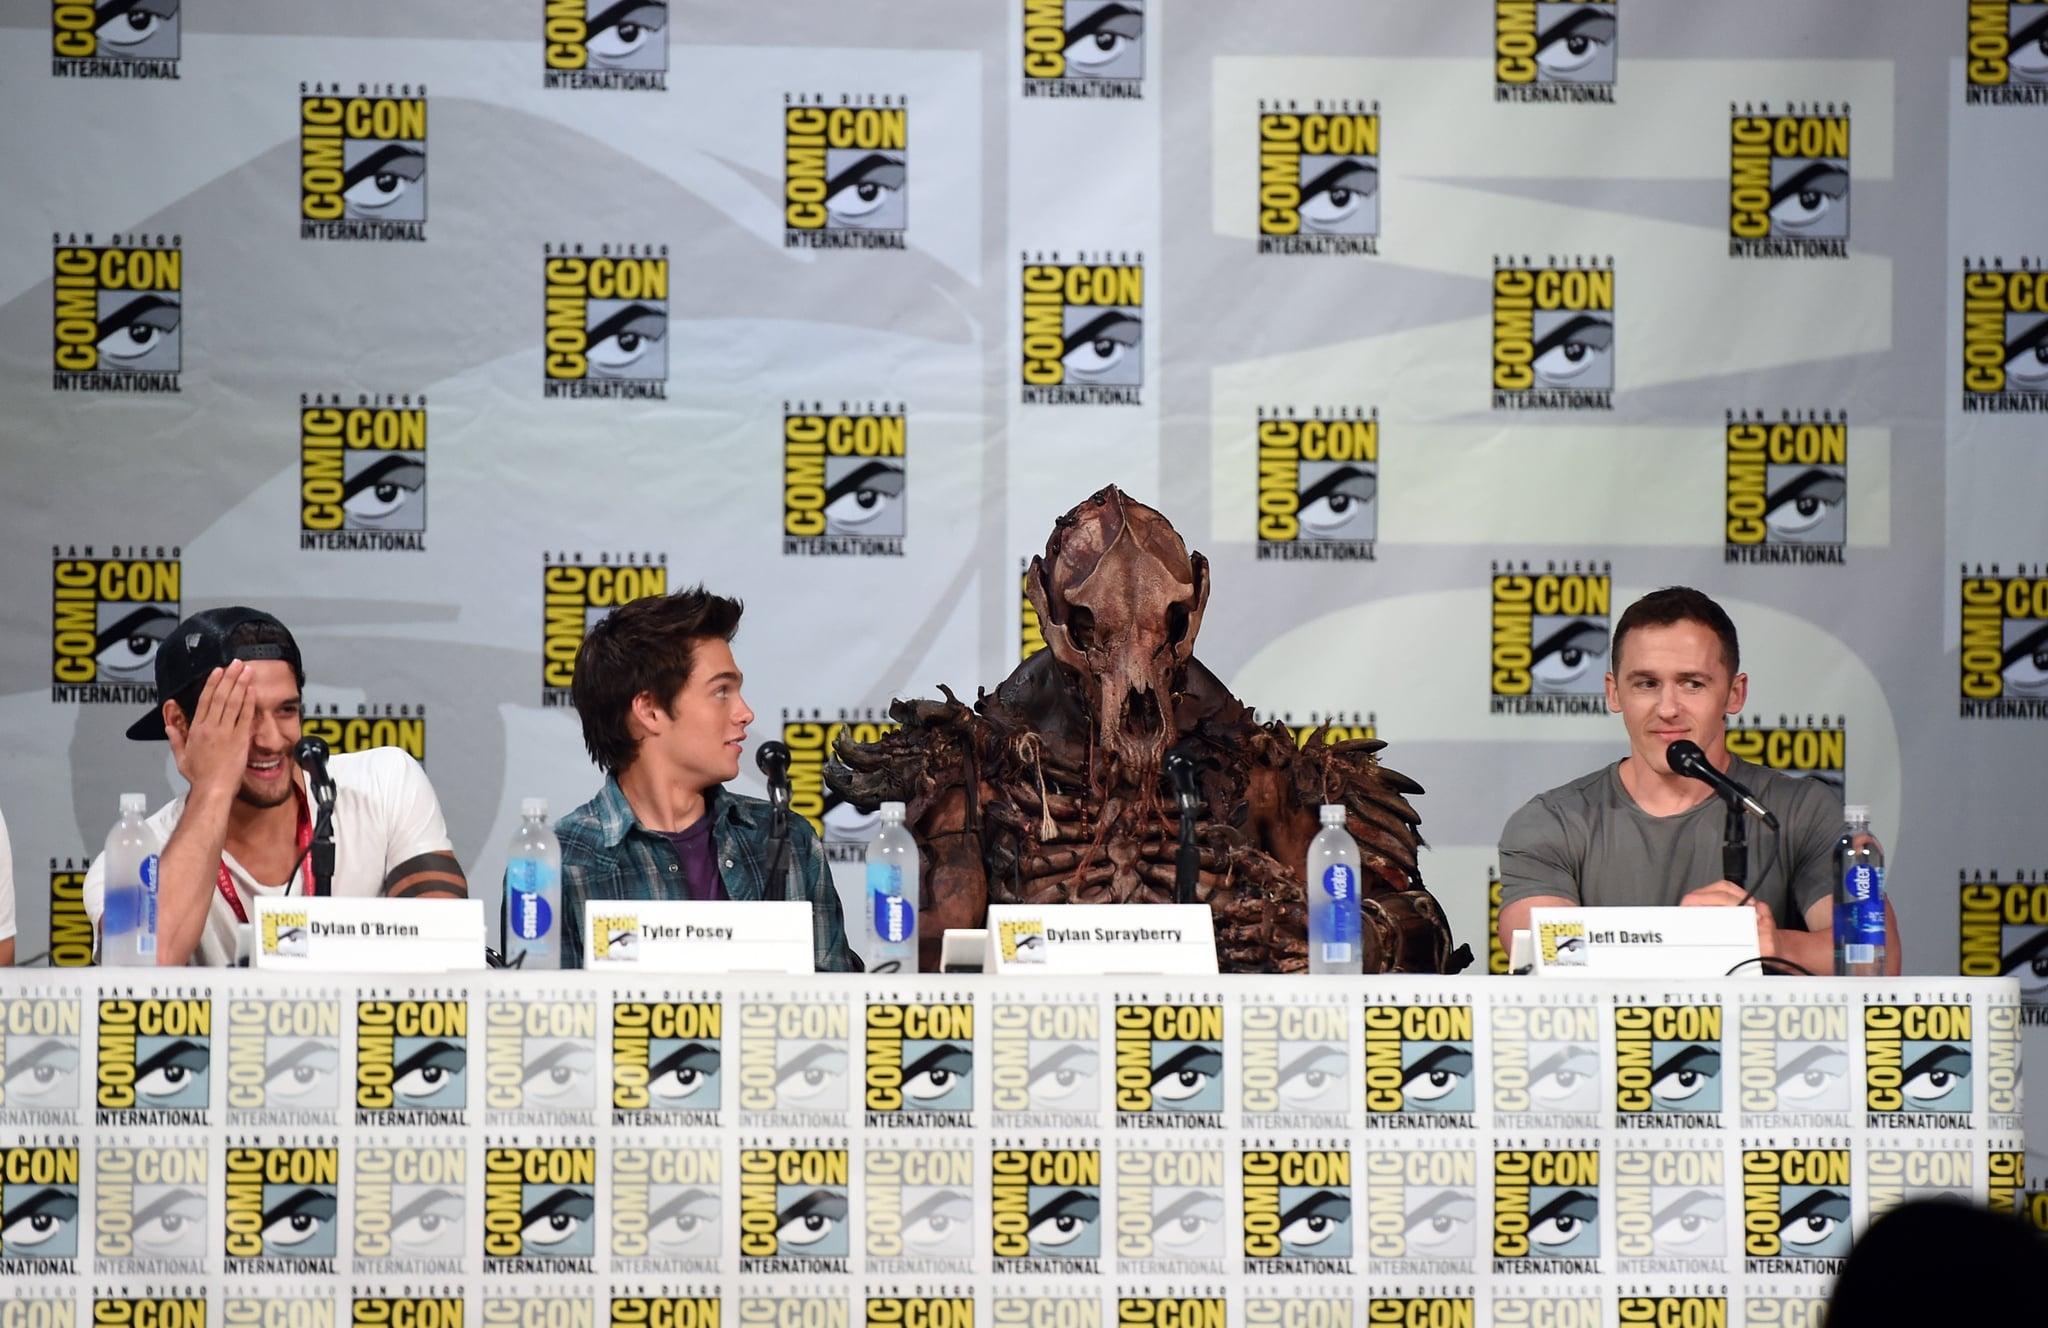 The Teen Wolf panel had John Duff in costume.